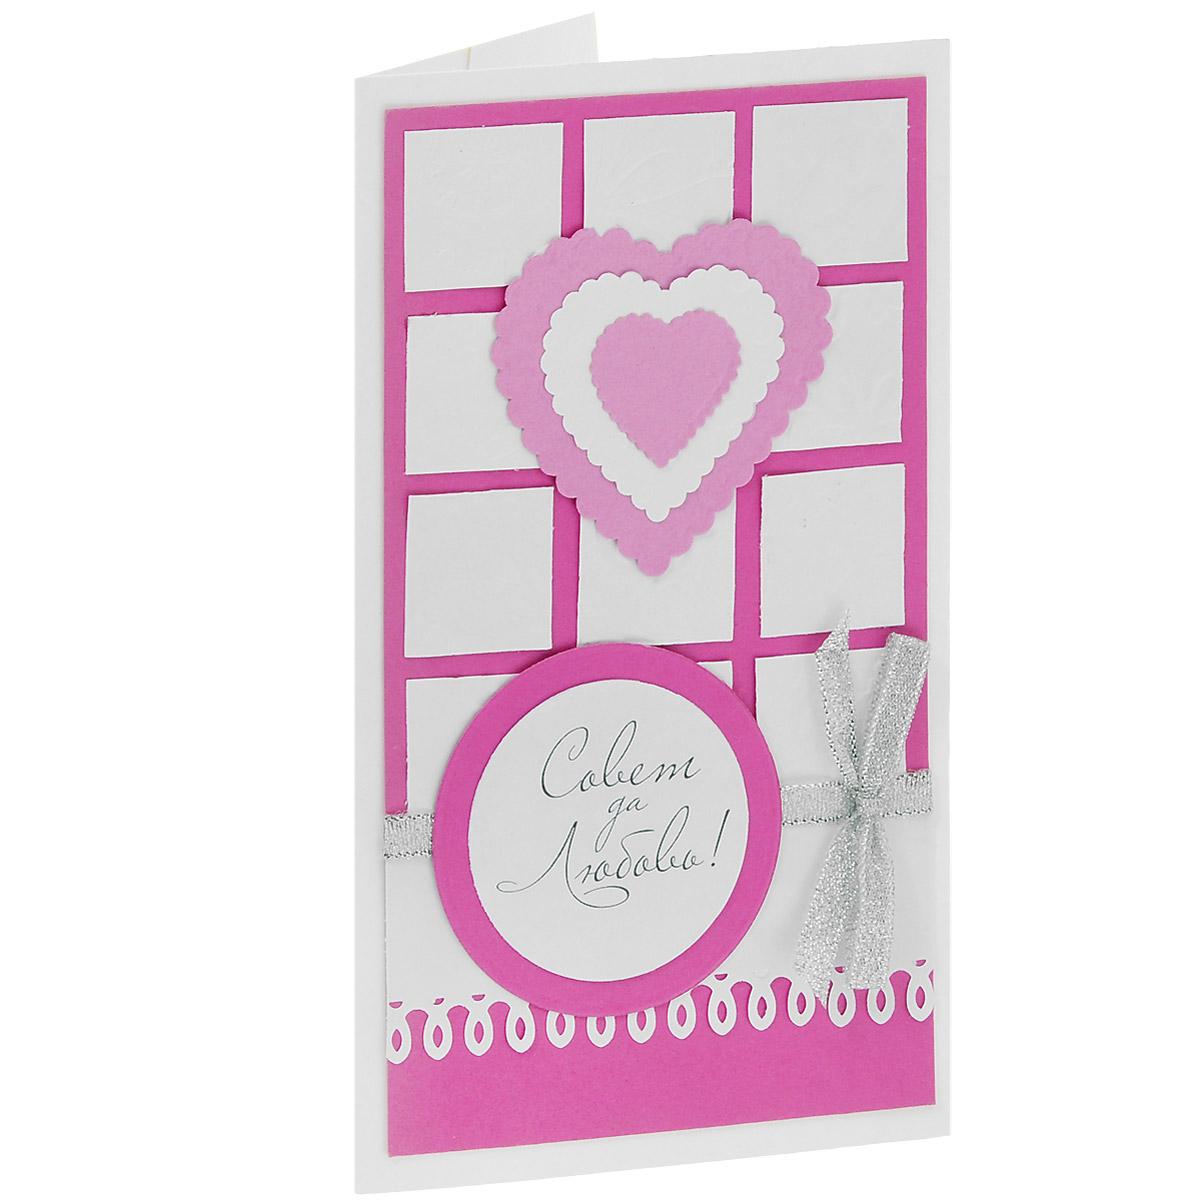 ОСВ-0006 Открытка-конверт «Совет да Любовь!» (сердечко на кубиках). Студия «Тётя Роза»SM10-001Характеристики: Размер 19 см x 11 см.Материал: Высоко-художественный картон, бумага, декор. Данная открытка может стать как прекрасным дополнением к вашему подарку, так и самостоятельным подарком. Так как открытка является и конвертом, в который вы можете вложить ваш денежный подарок или просто написать ваши пожелания на вкладыше.Яркая эффектная открытка для свадебного поздравлениярешена в бело-розовой гамме. Кружевное трехслойное сердечко в центре композиции располагается на кубиках с разнообразным рельефным тиснением. По нижнему краю пропущен ажурный фриз. Открытка дополнена серебристой парчовой лентой с бантиком. Также открытка упакована в пакетик для сохранности.Обращаем Ваше внимание на то, что открытка может незначительно отличаться от представленной на фото.Открытки ручной работы от студии Тётя Роза отличаются своим неповторимым и ярким стилем. Каждая уникальна и выполнена вручную мастерами студии. (Открытка для мужчин, открытка для женщины, открытка на день рождения, открытка с днем свадьбы, открытка винтаж, открытка с юбилеем, открытка на все случаи, скрапбукинг)